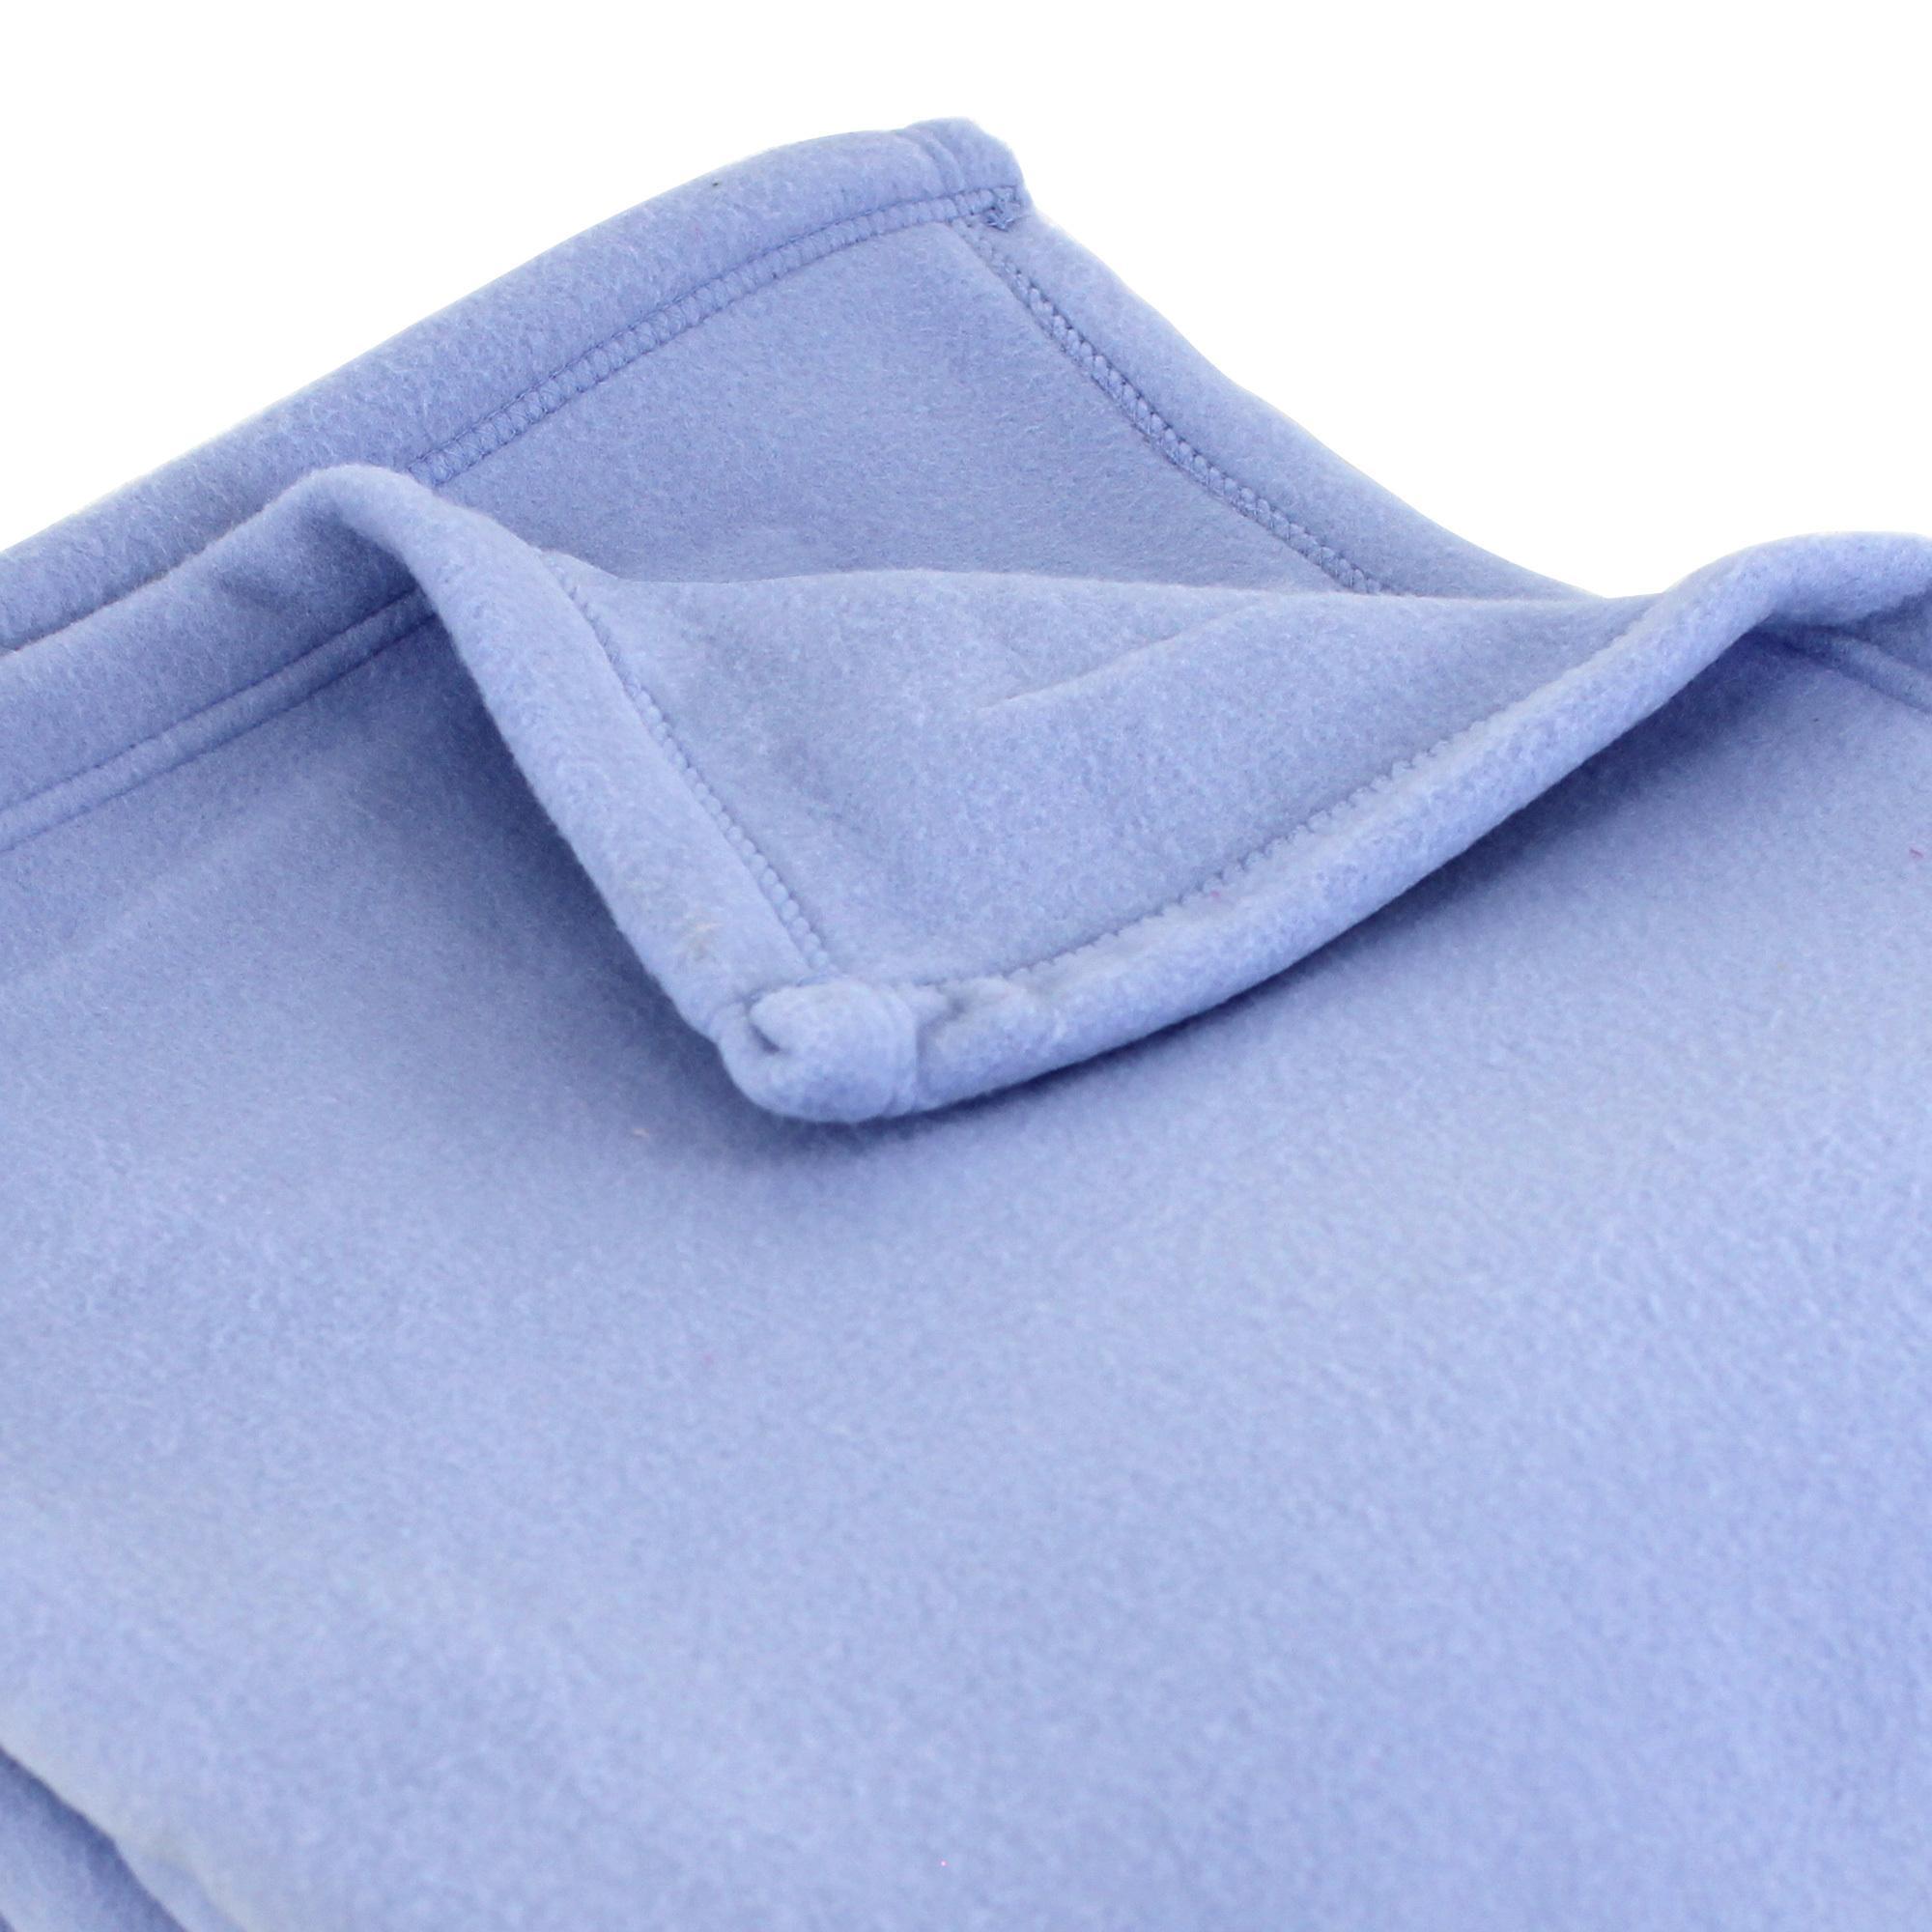 couverture polaire polyester 220x240 cm teddy lavande linnea linge de maison et. Black Bedroom Furniture Sets. Home Design Ideas